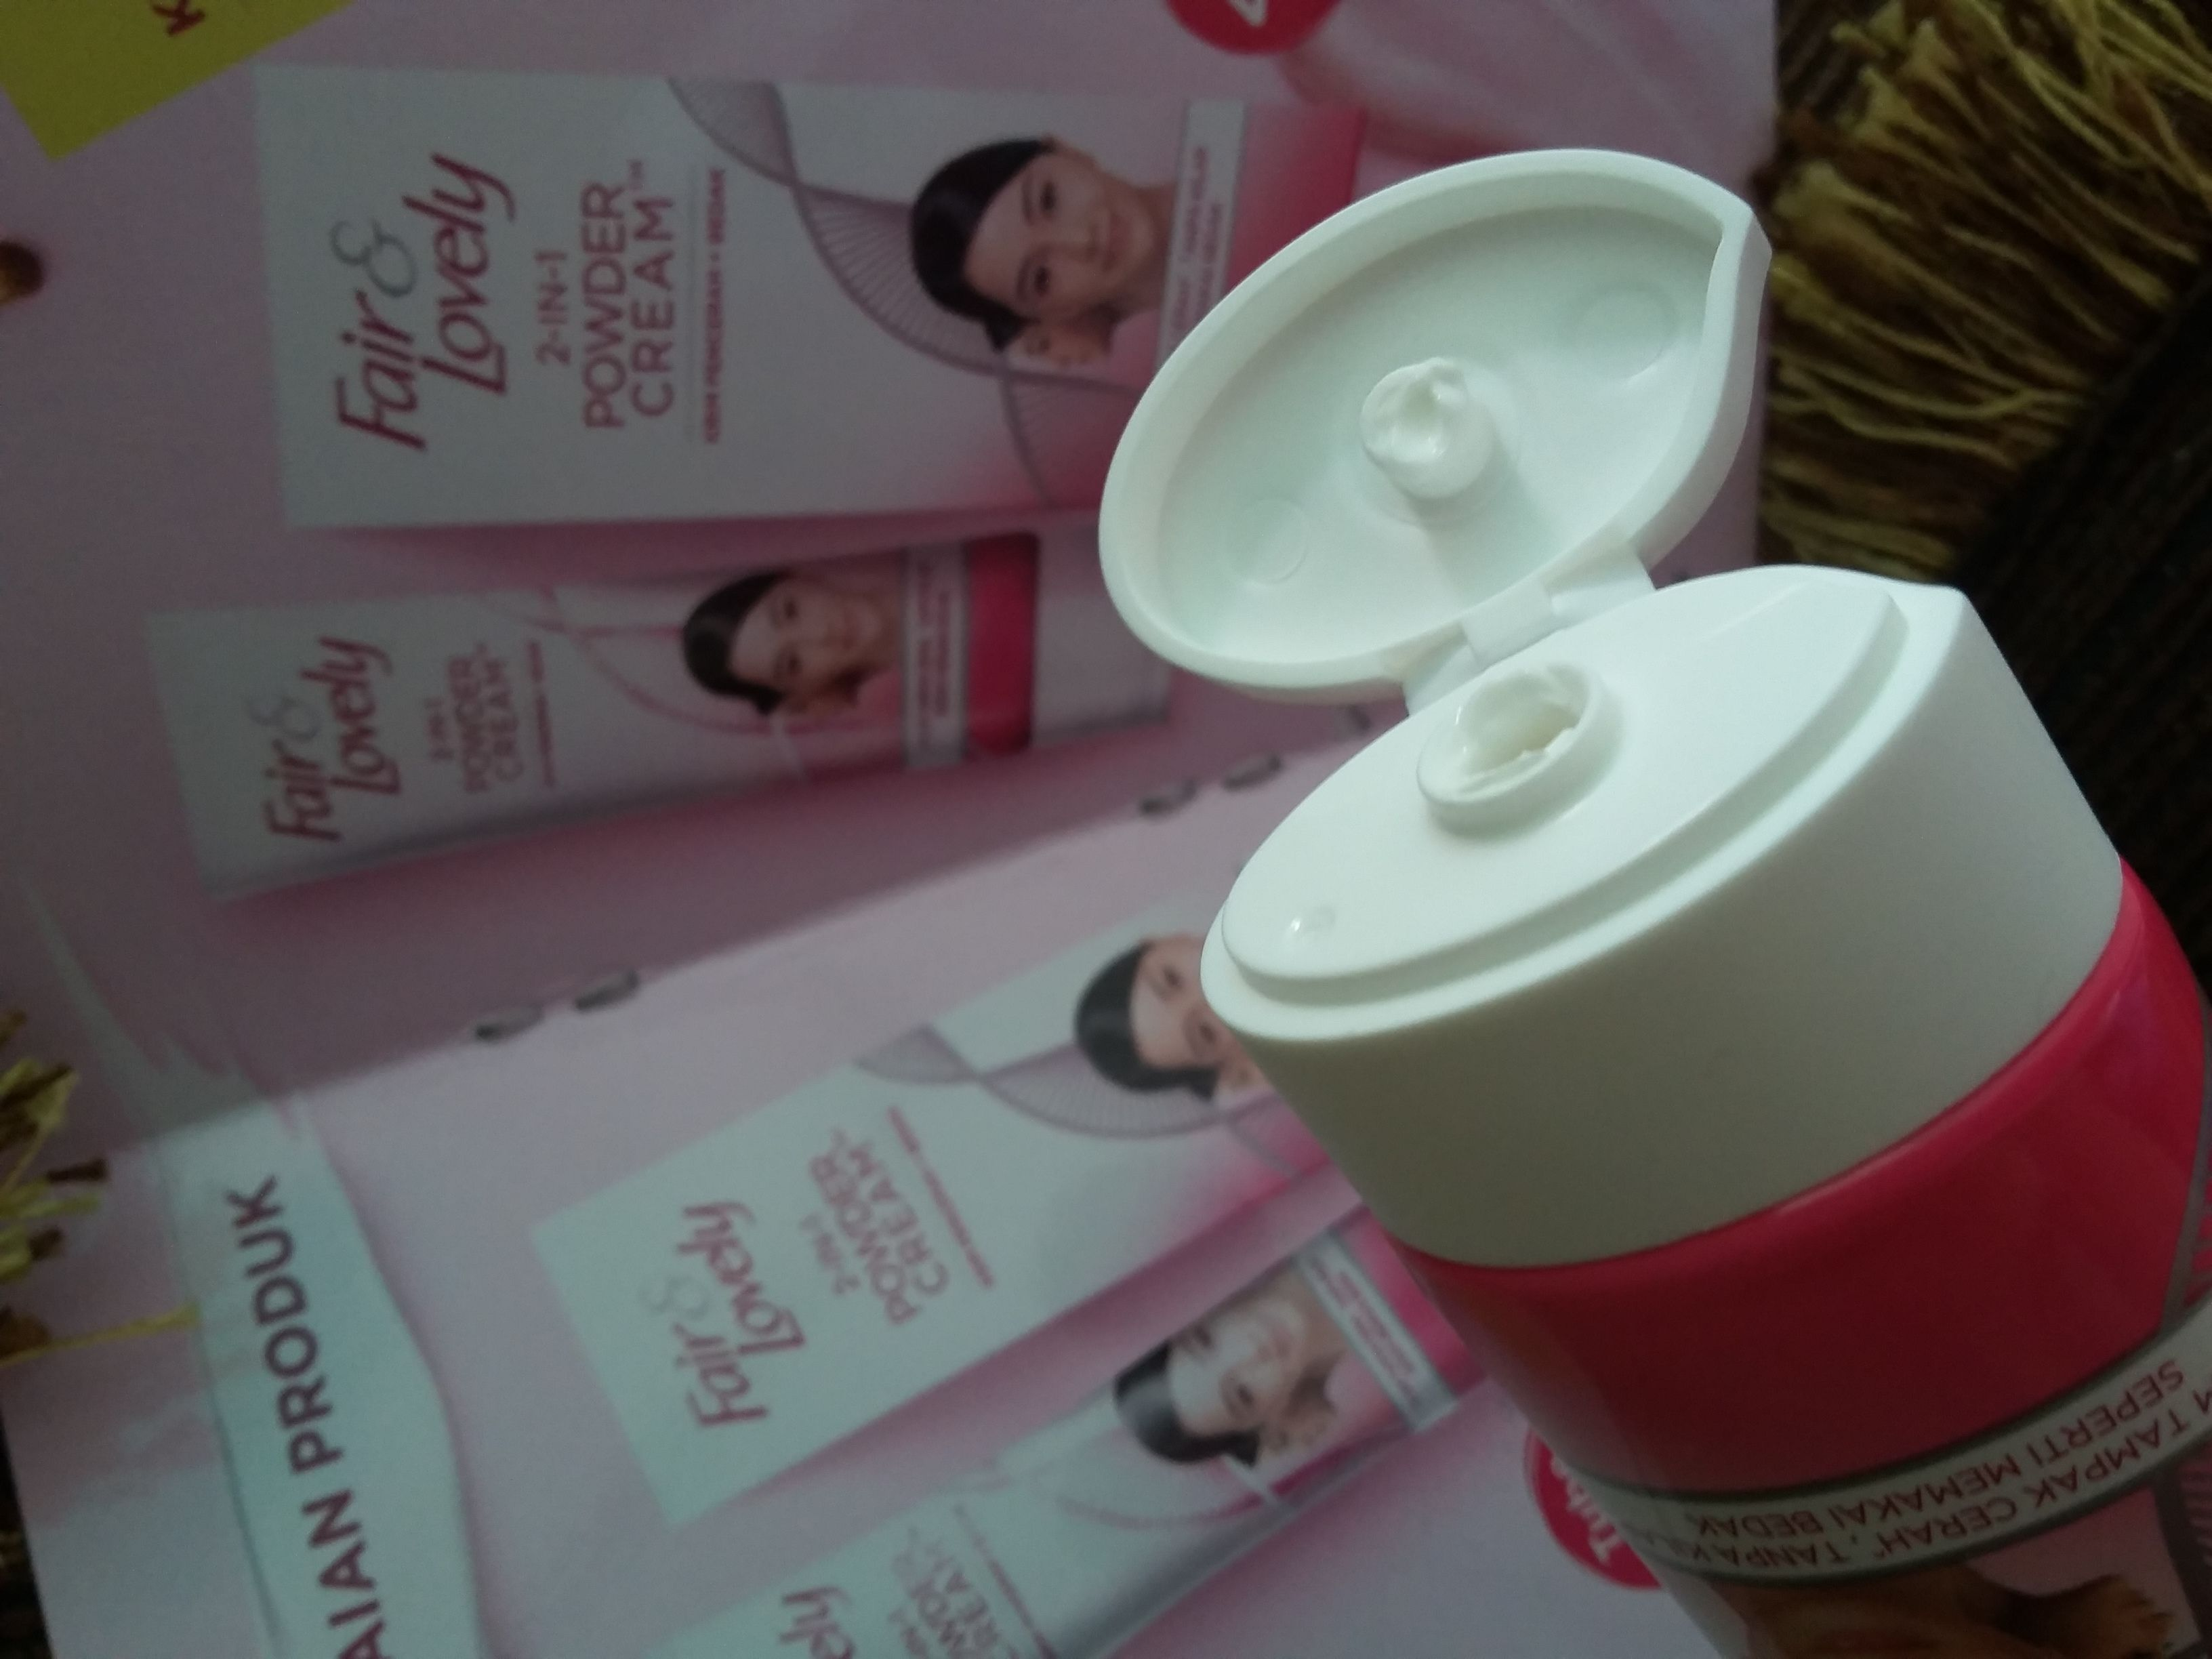 gambar review ke-5 untuk Fair & Lovely 2 in 1 Powder Cream